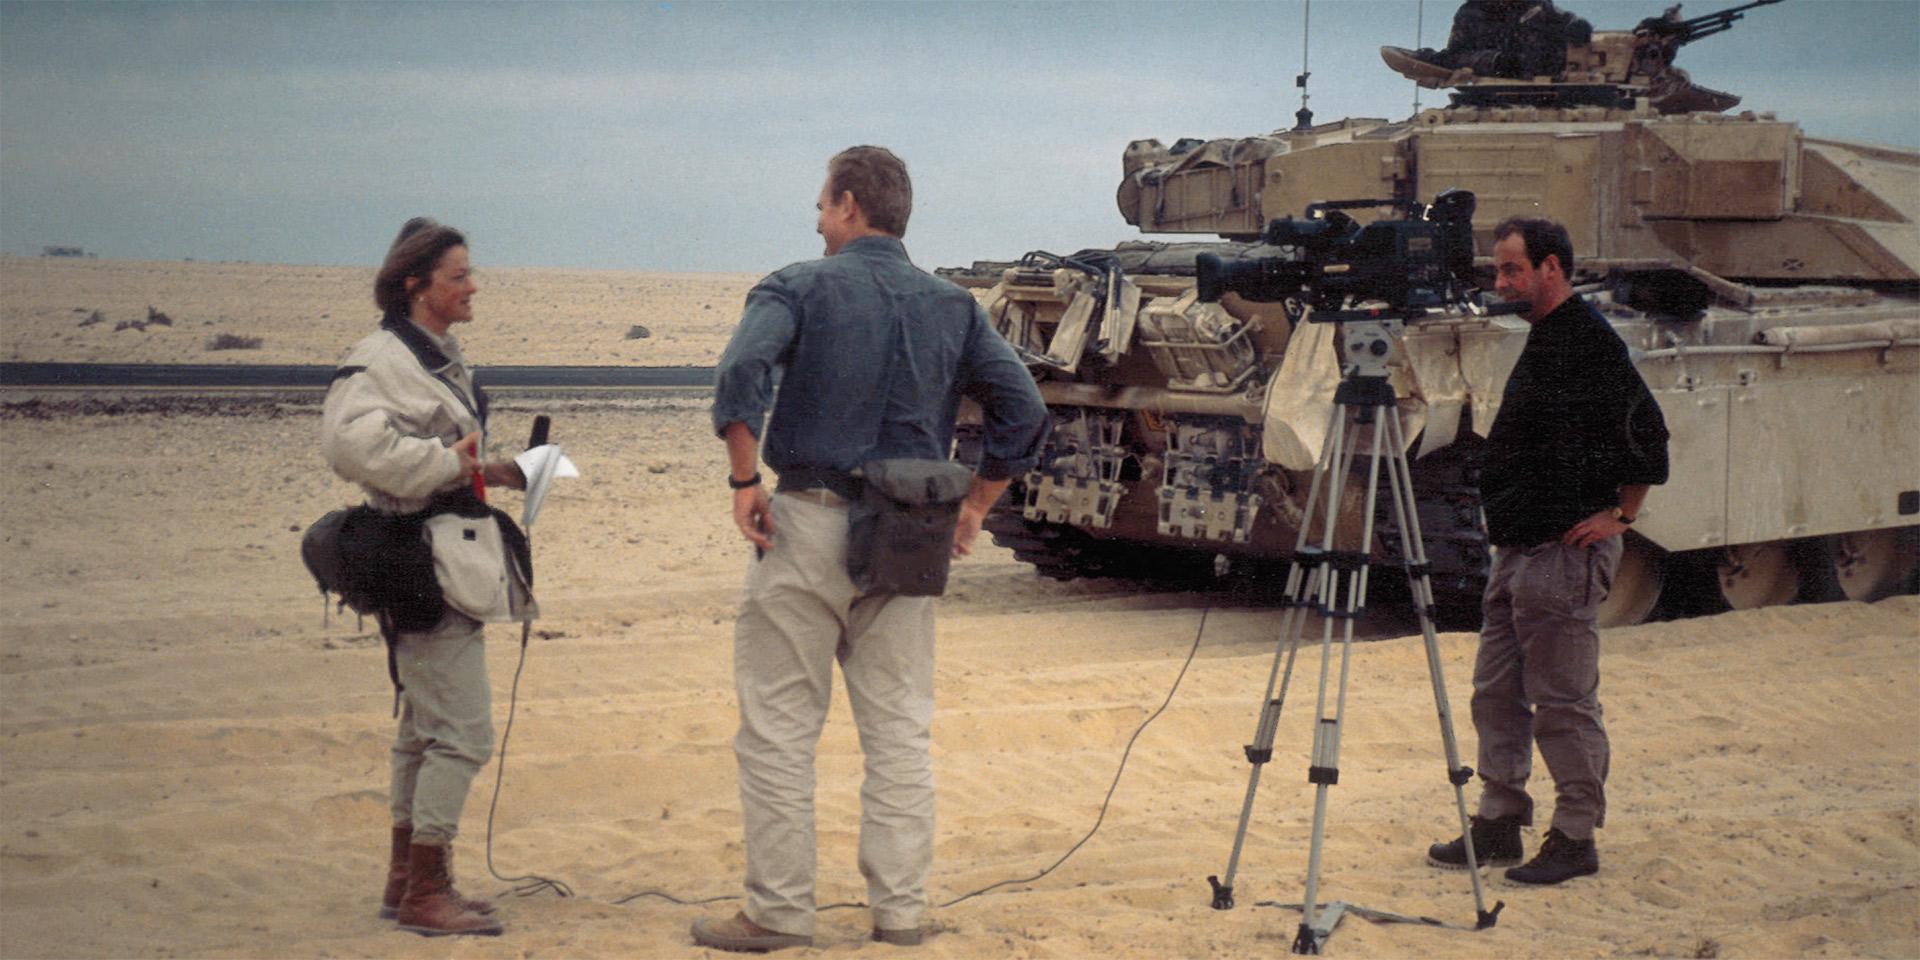 Kate Adie report in desert